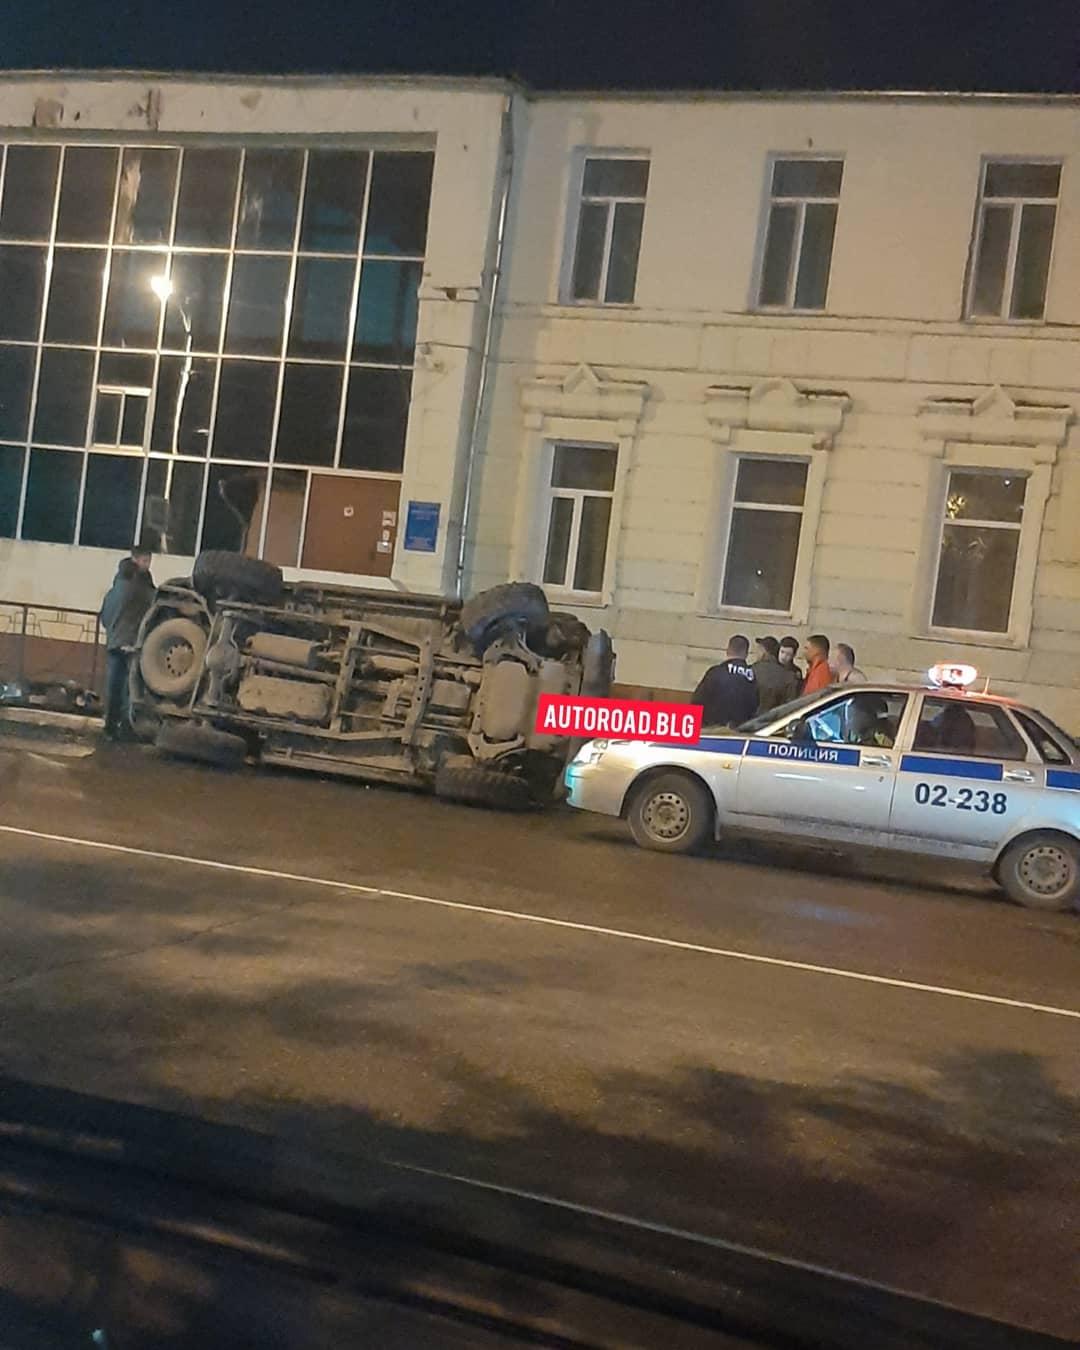 Внедорожник в Благовещенске протаранил стоящее авто